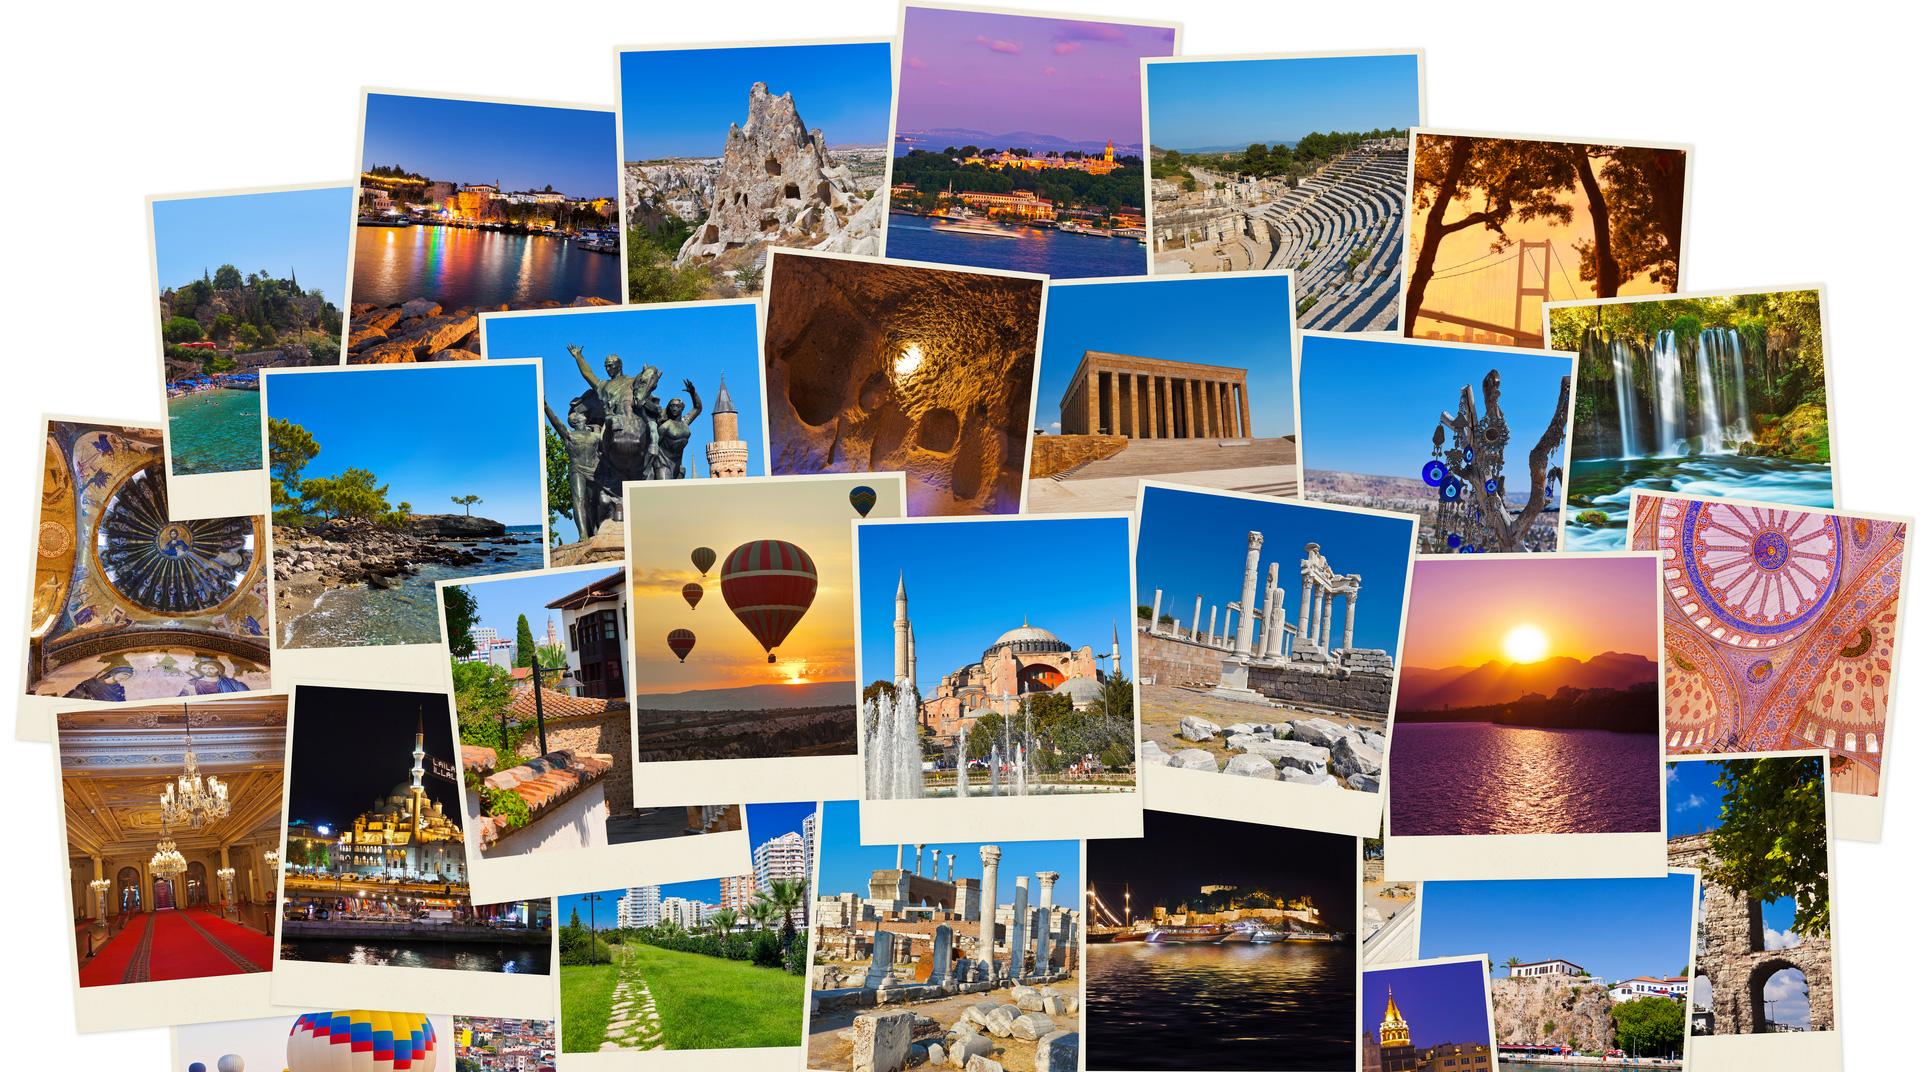 неприхотливое карта желаний фото картинки путешествия связаны полухлопка